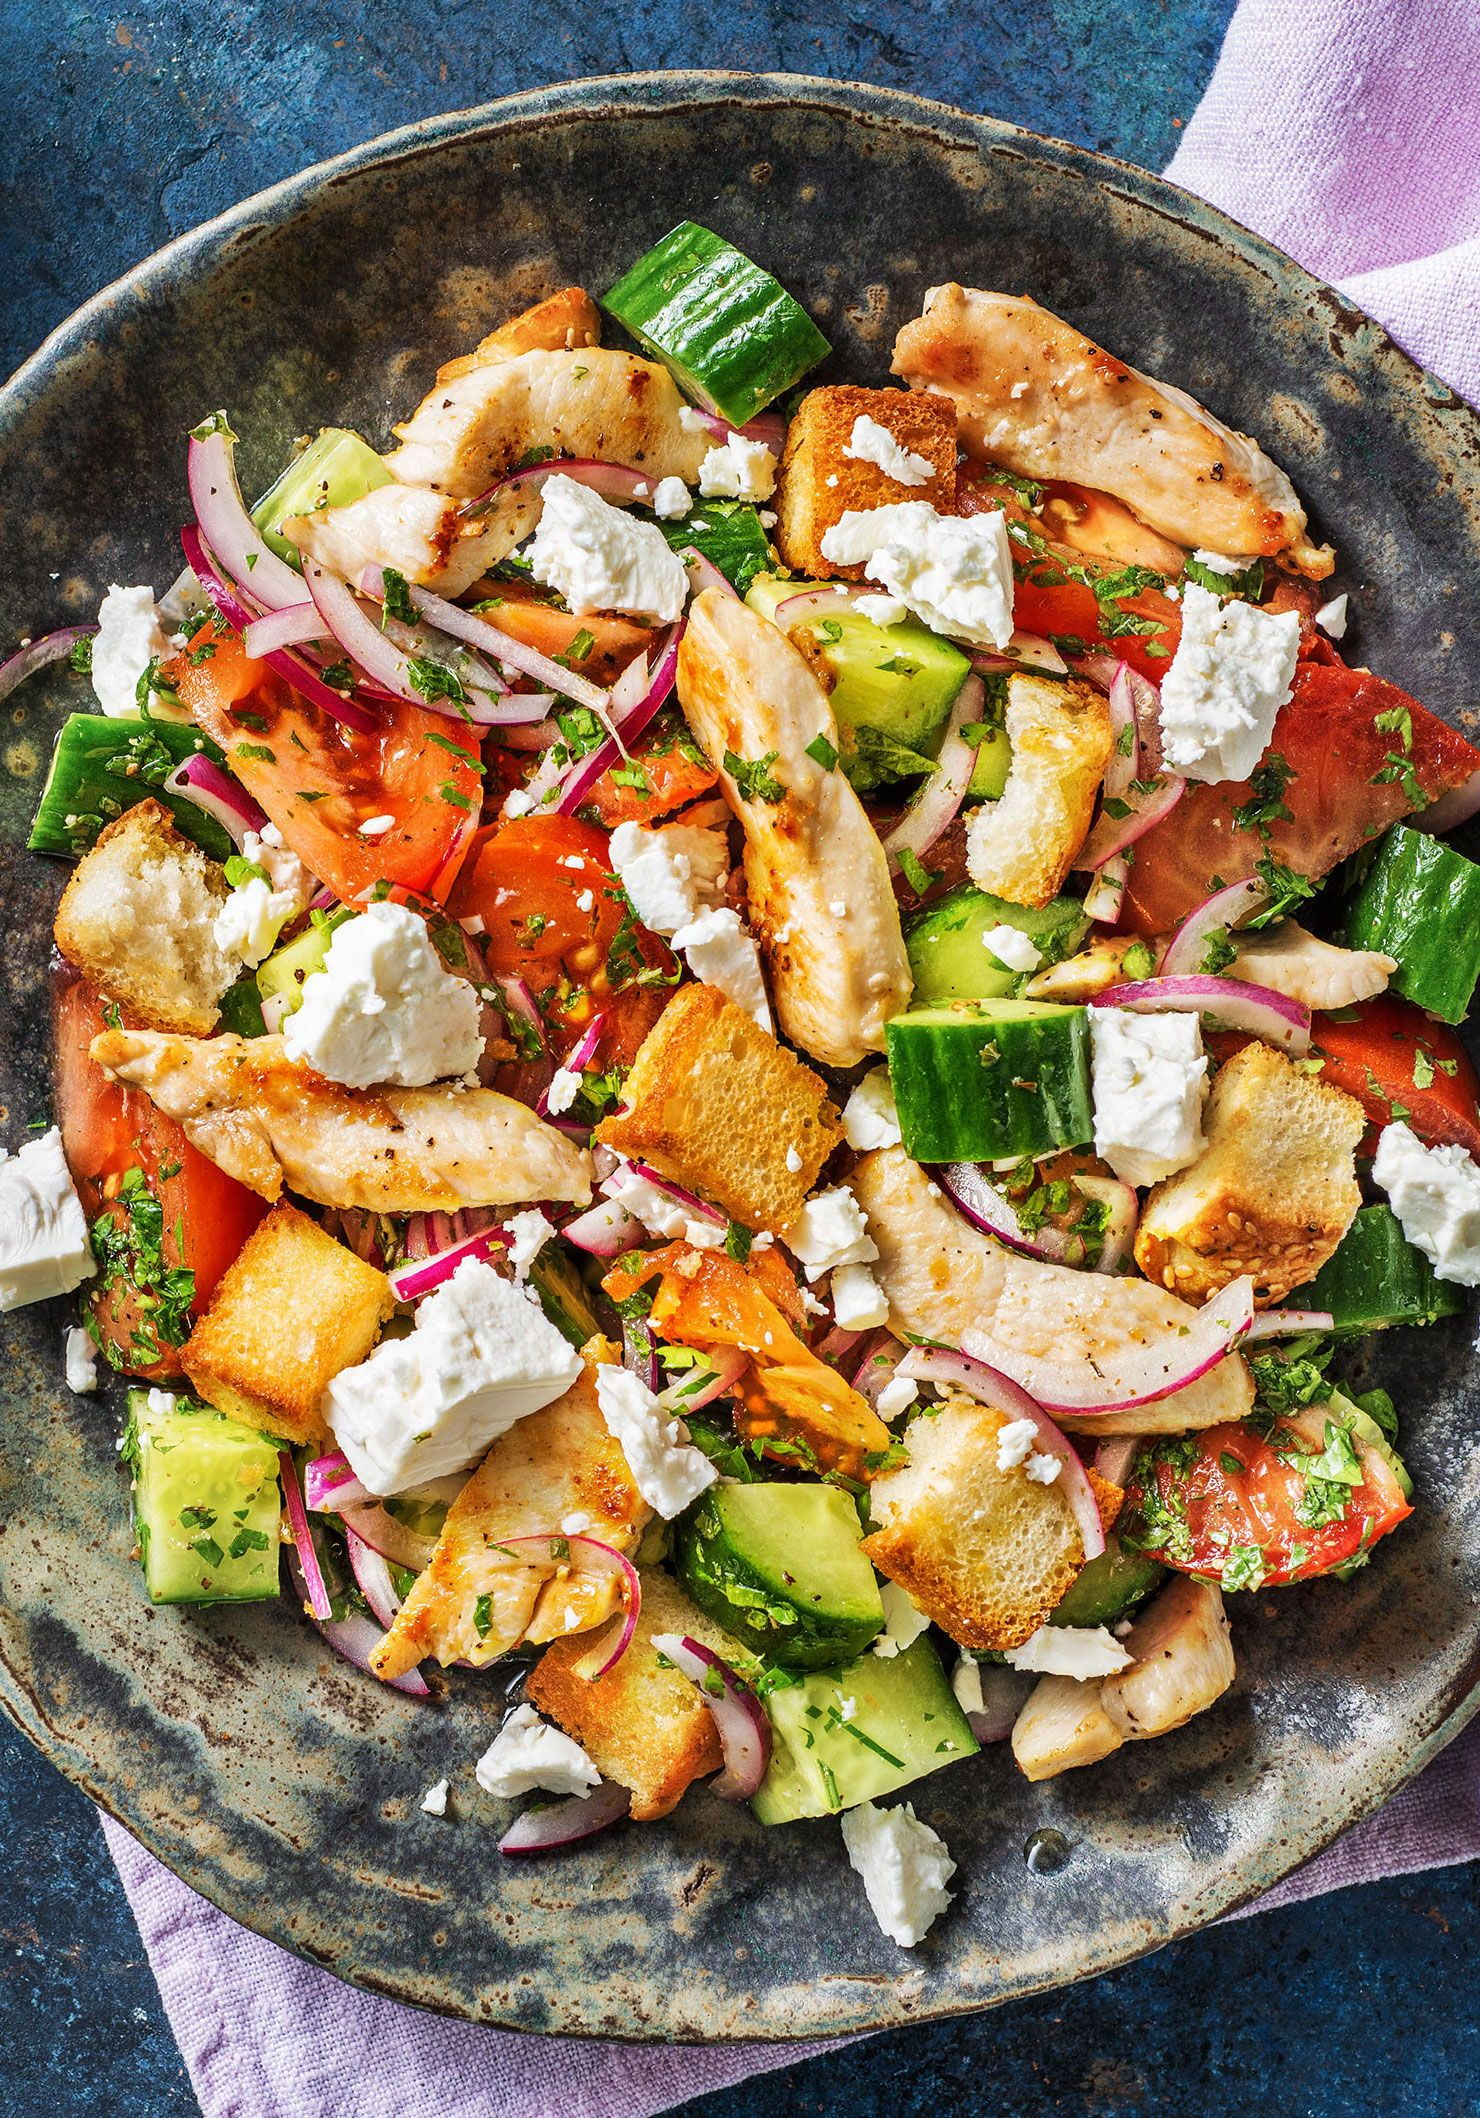 Hähnchenbrust auf griechischem Salat mit Hirtenkäse und knusprigen Fladenbrotwürfeln #essenundtrinken